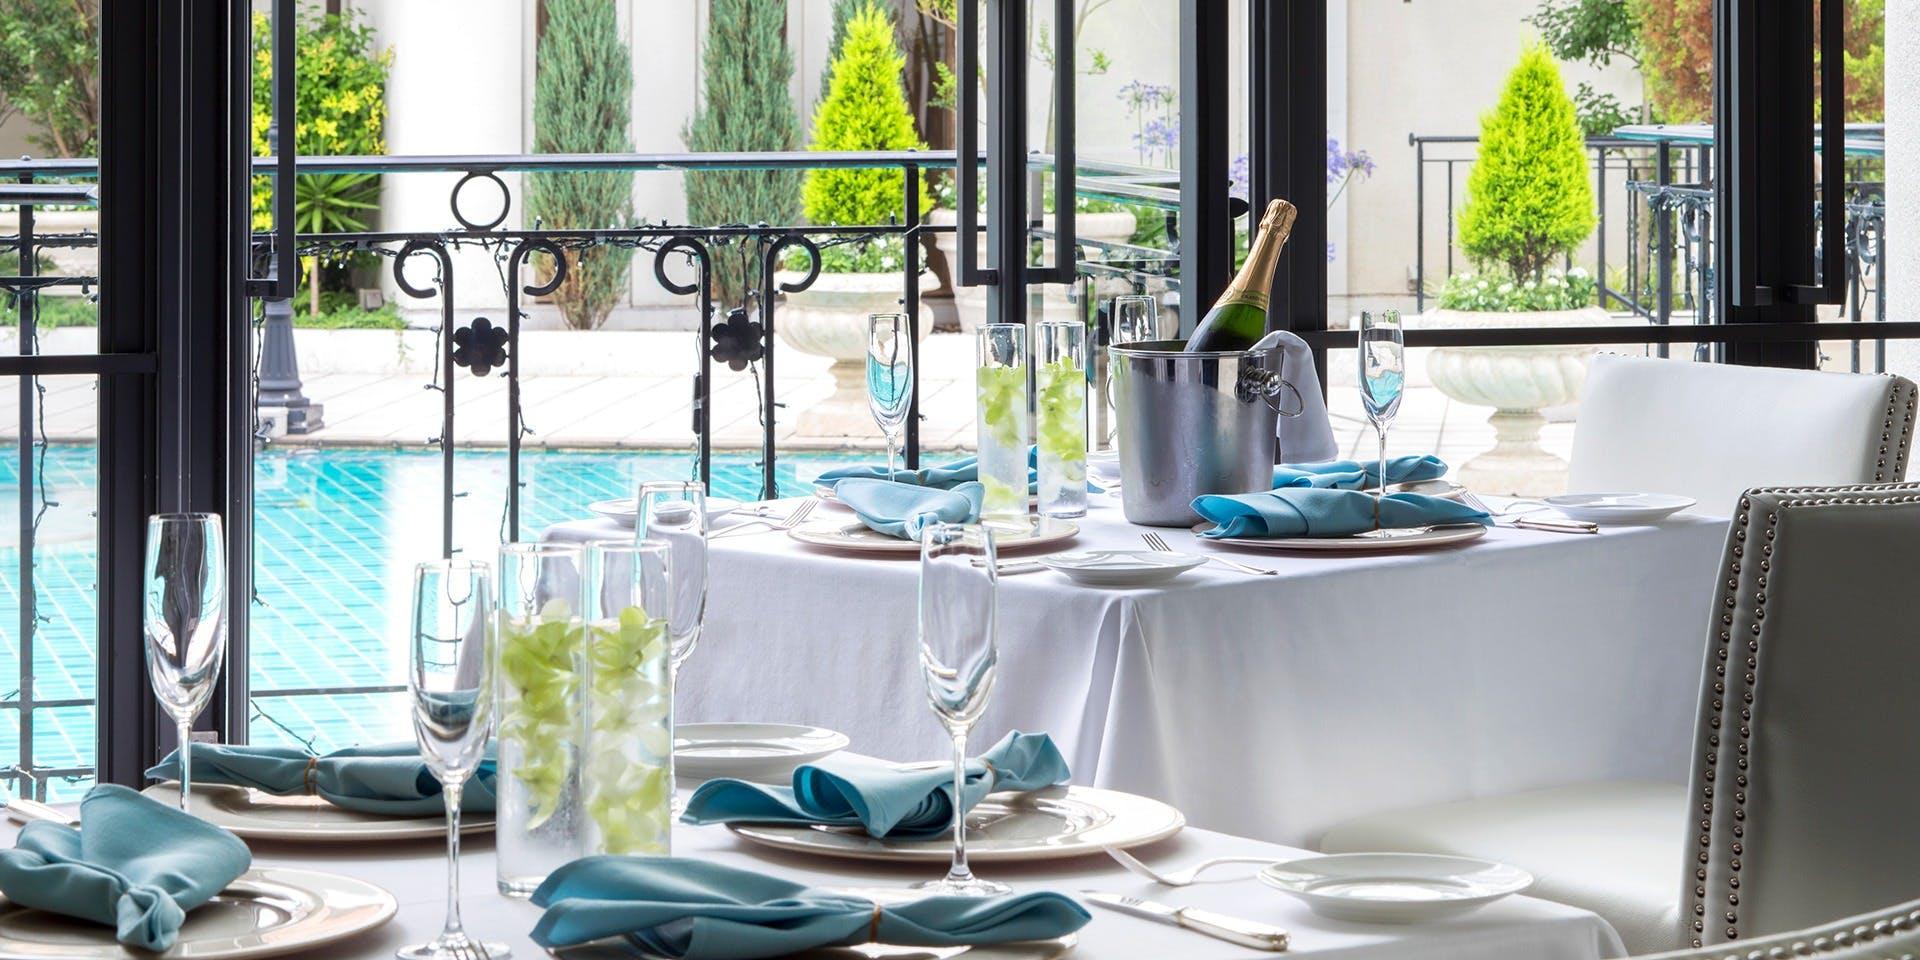 記念日におすすめのレストラン・リストランテマンジャーレ ウォーターエッジ YOKOHAMAの写真1